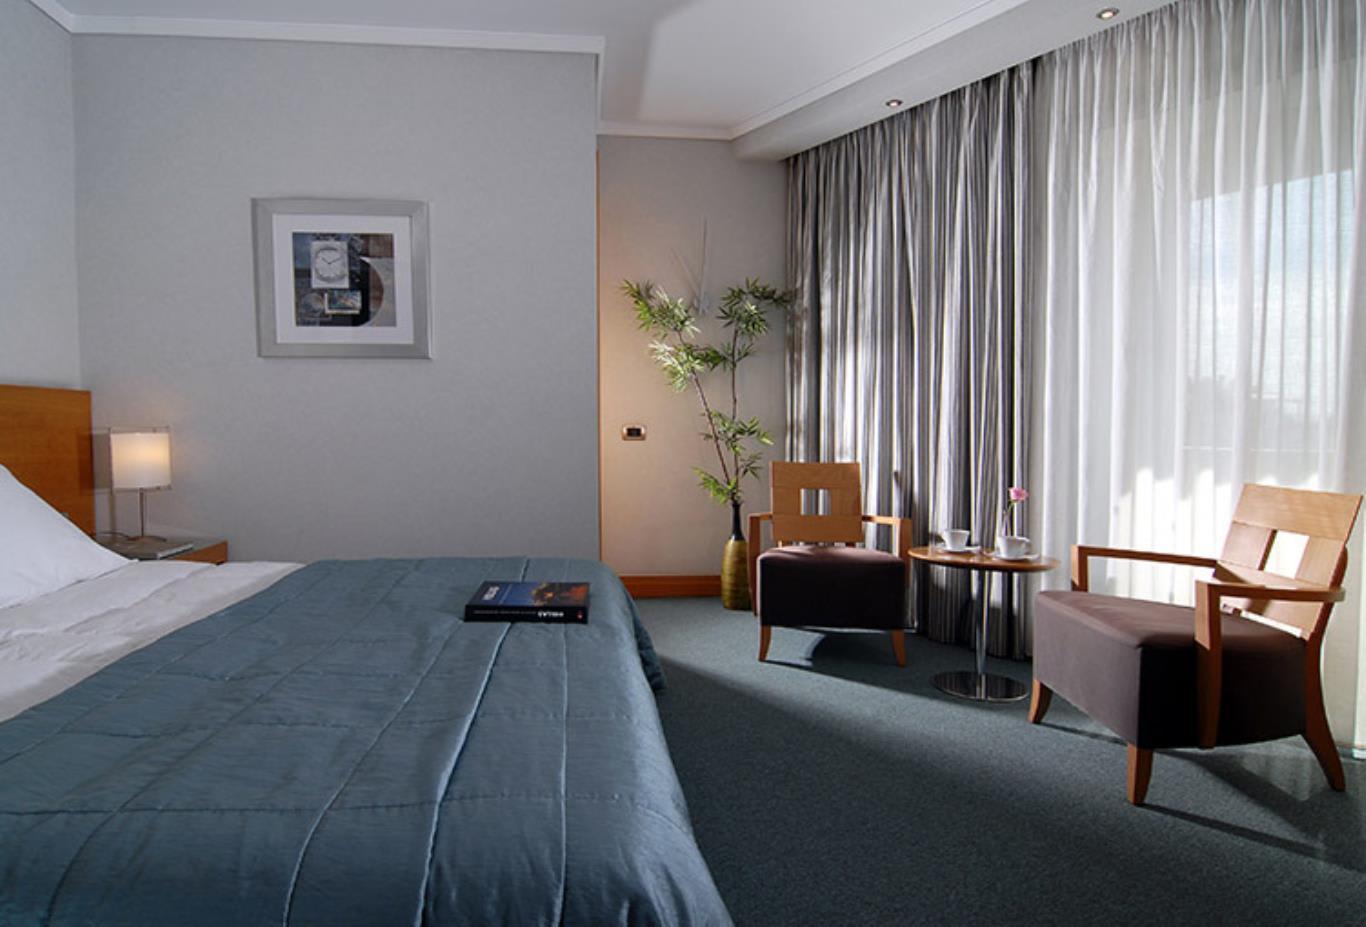 Standard-Room-bed